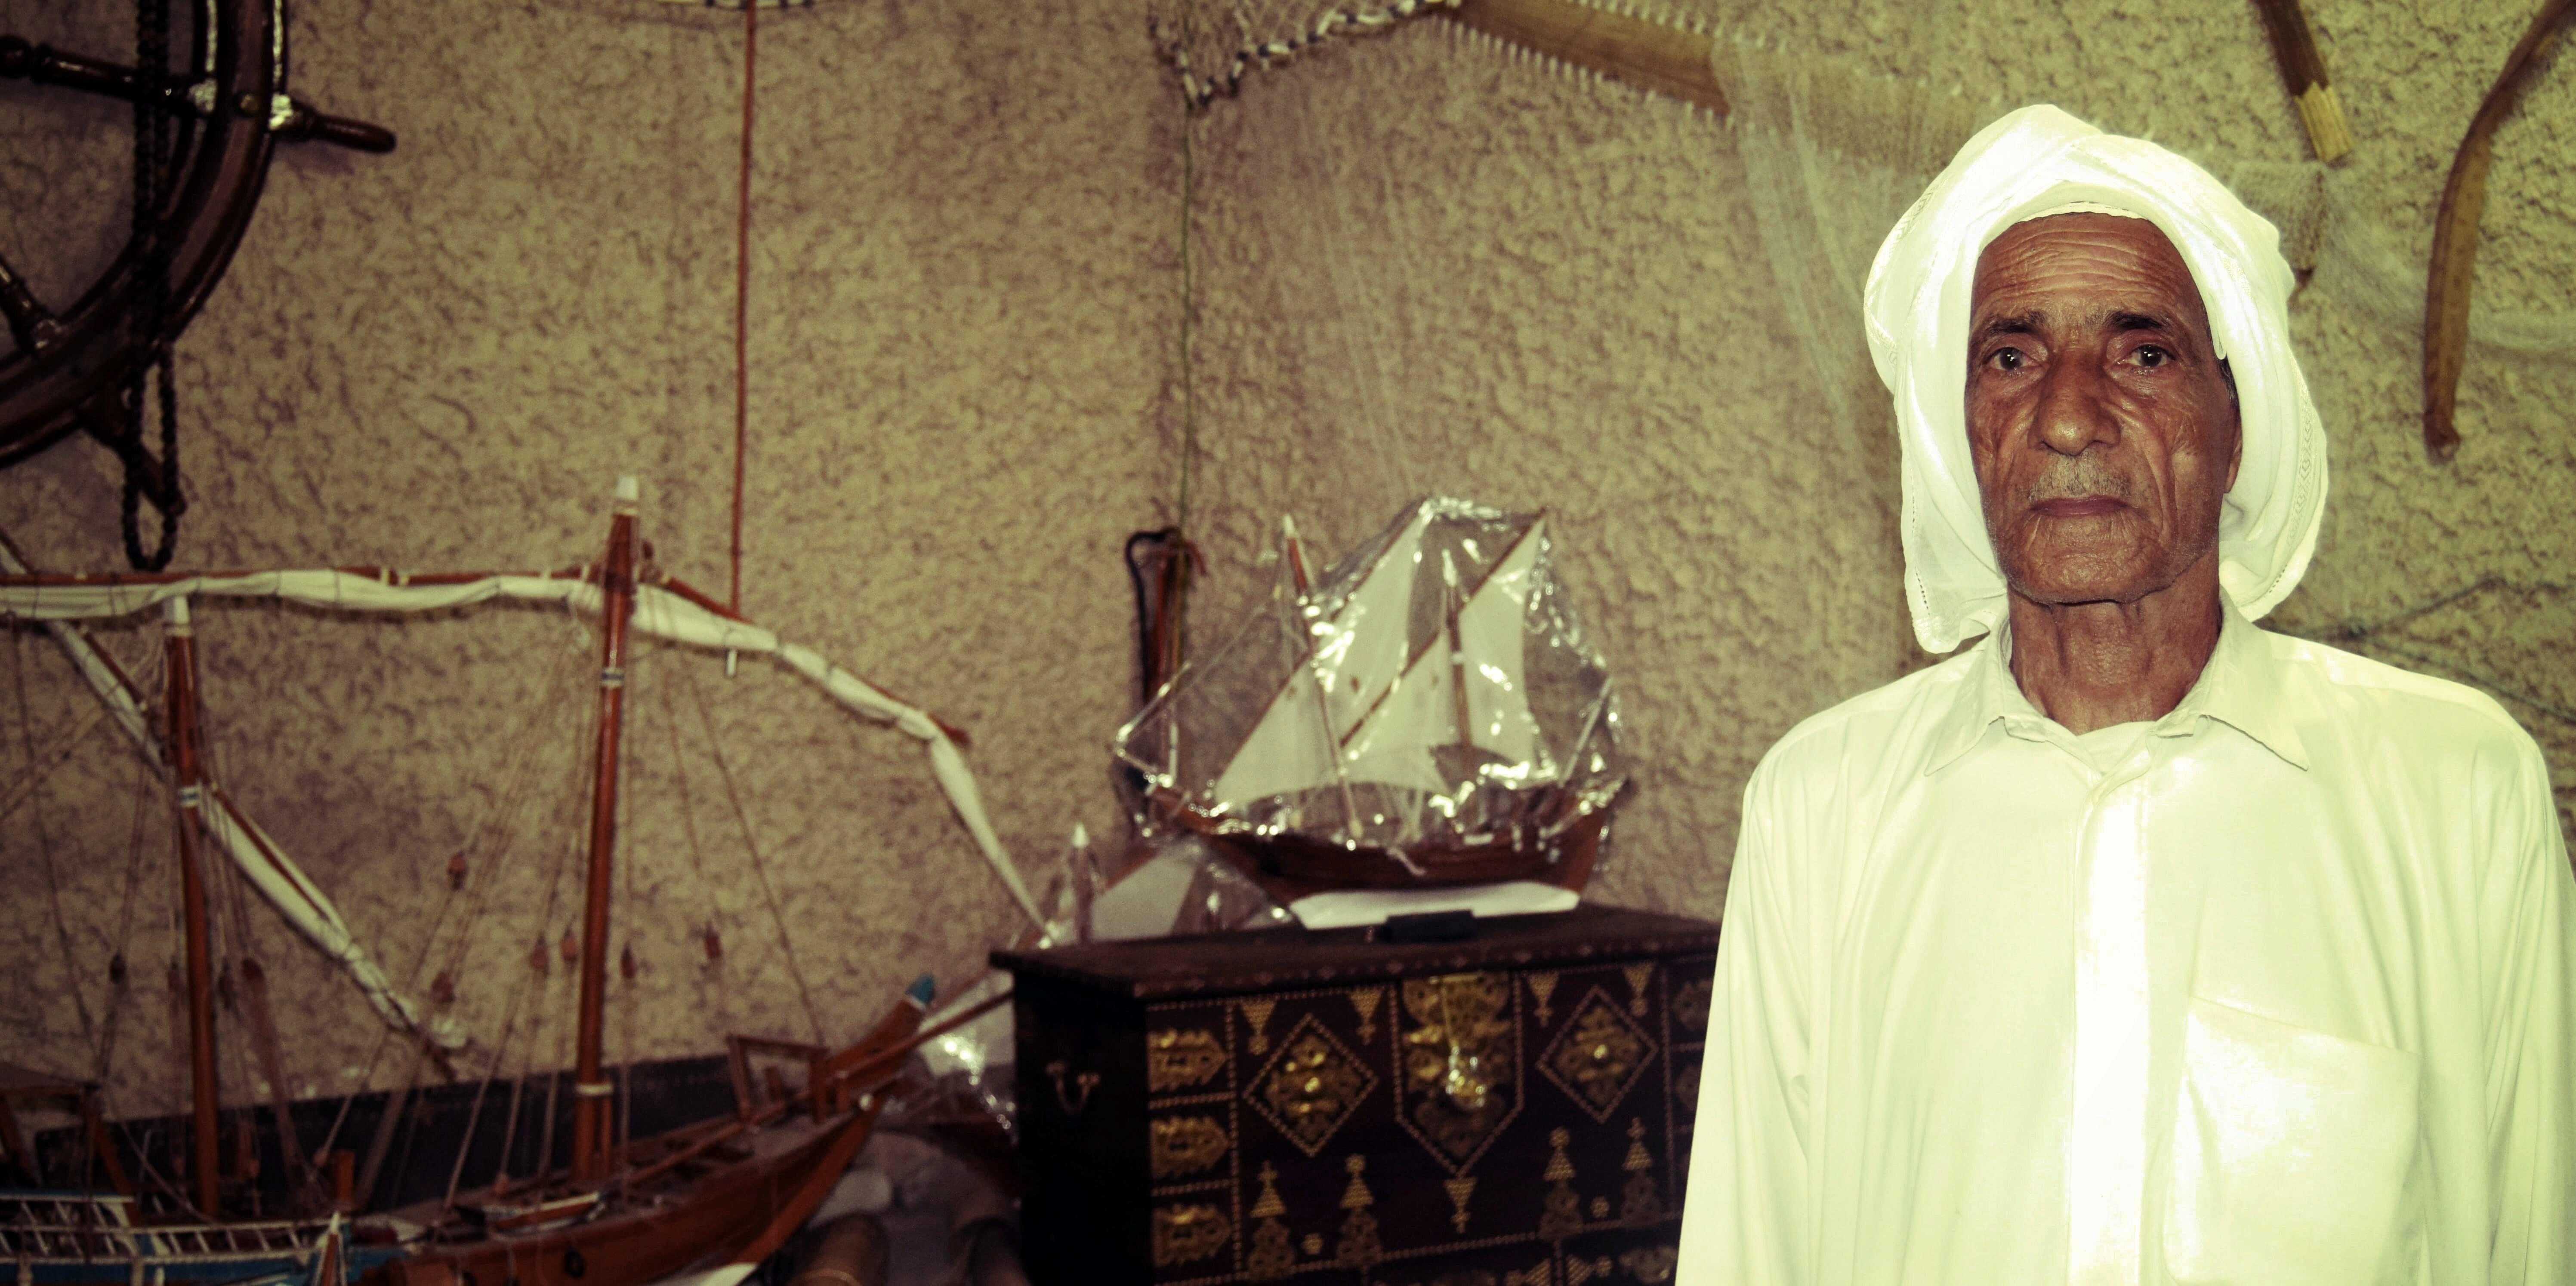 miradas persas capitán retirado en kong